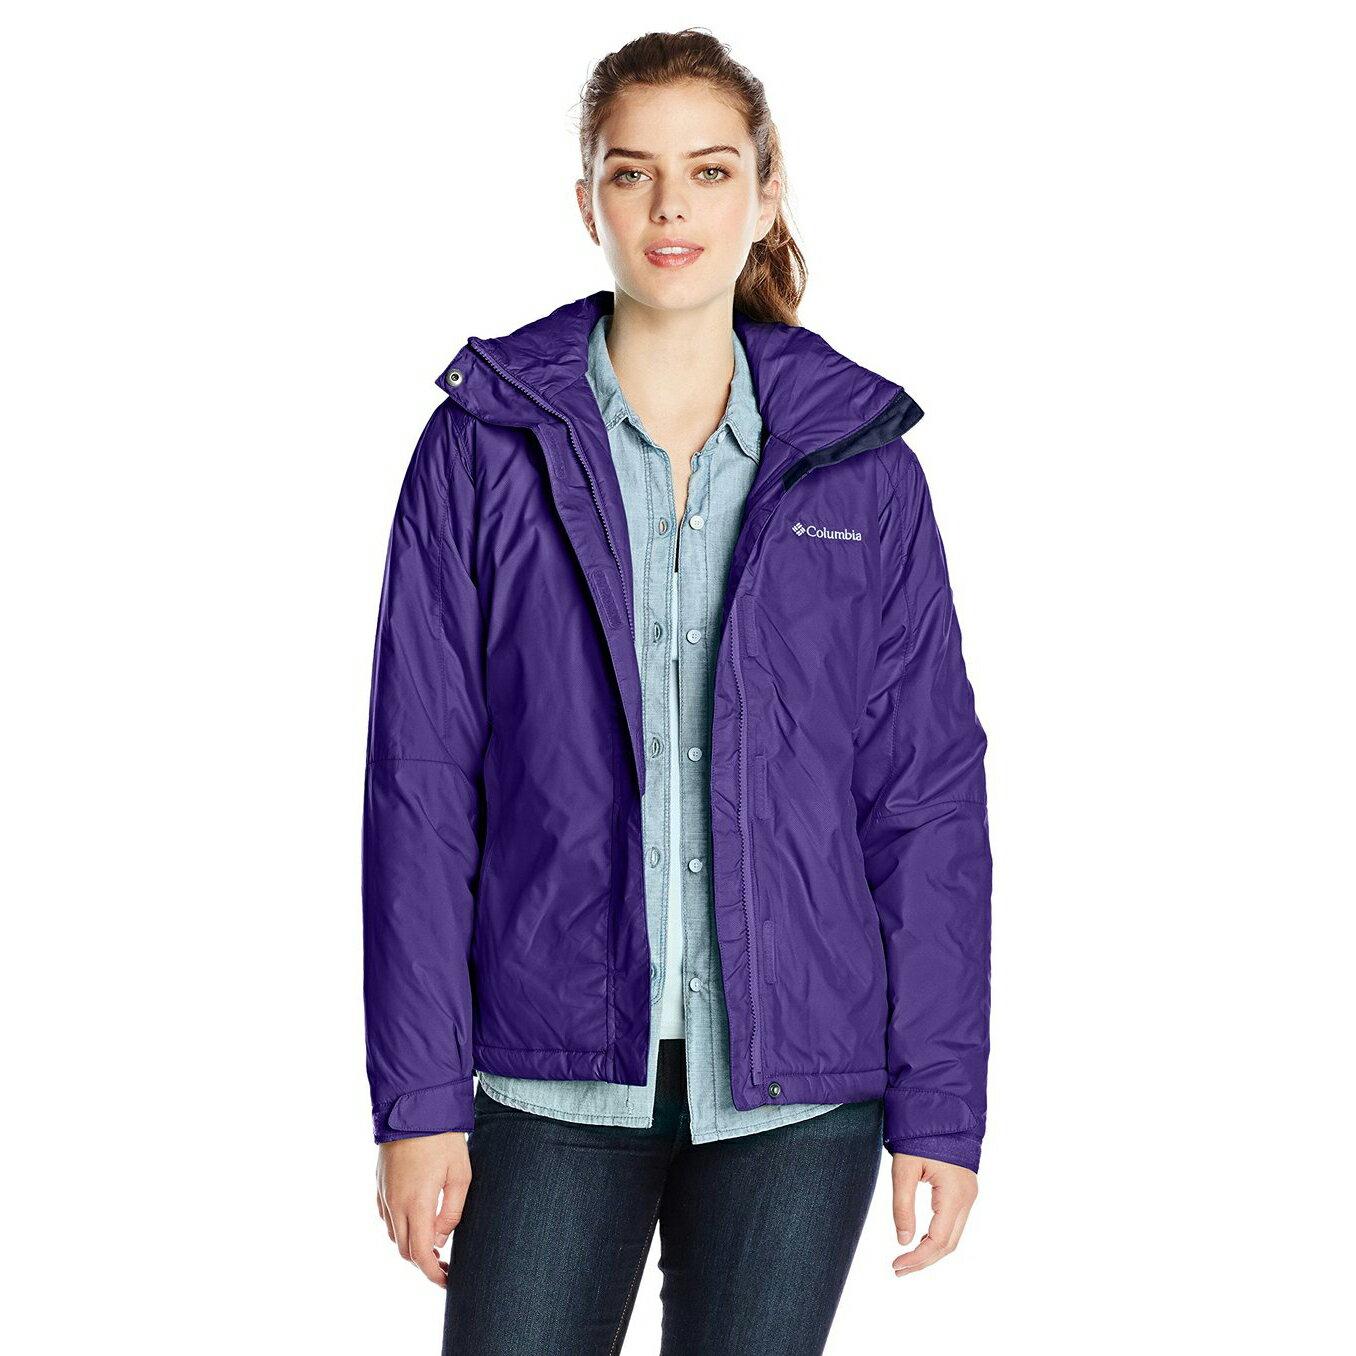 美國百分百【全新真品】Columbia 外套 夾克 連帽外套 哥倫比亞 紫色 單件式 防水 透氣 女款 M號 E407